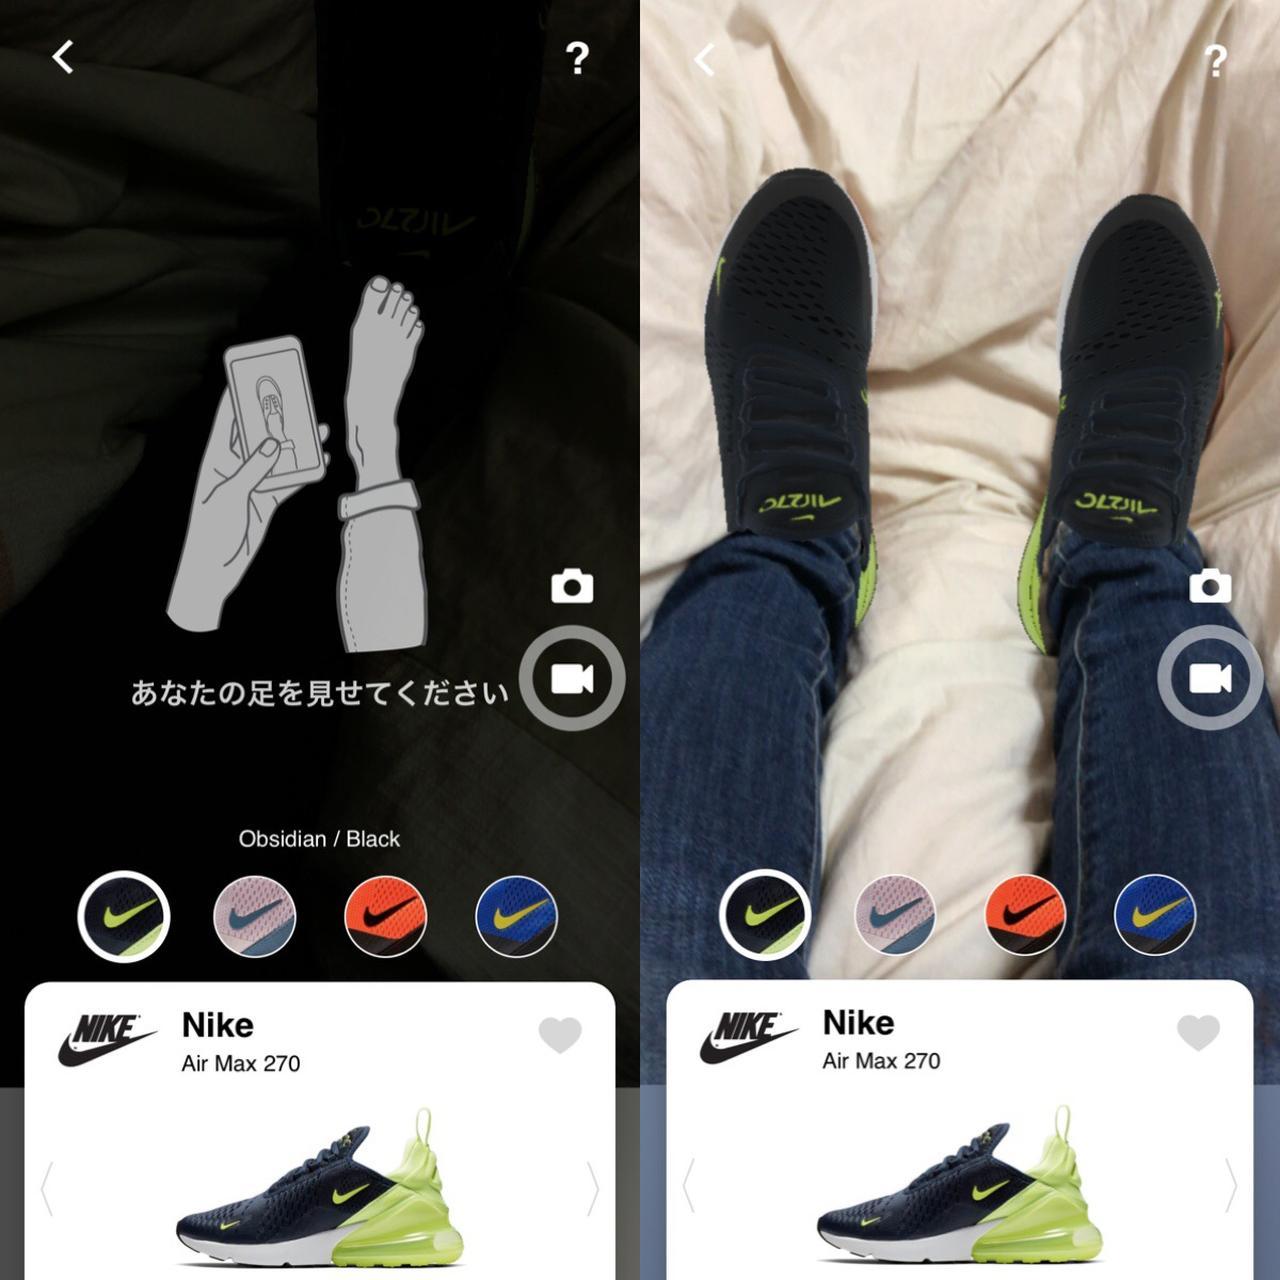 画像3: アプリのカメラでかざすだけ!お家にいながら色々な種類のスニーカーを試着。